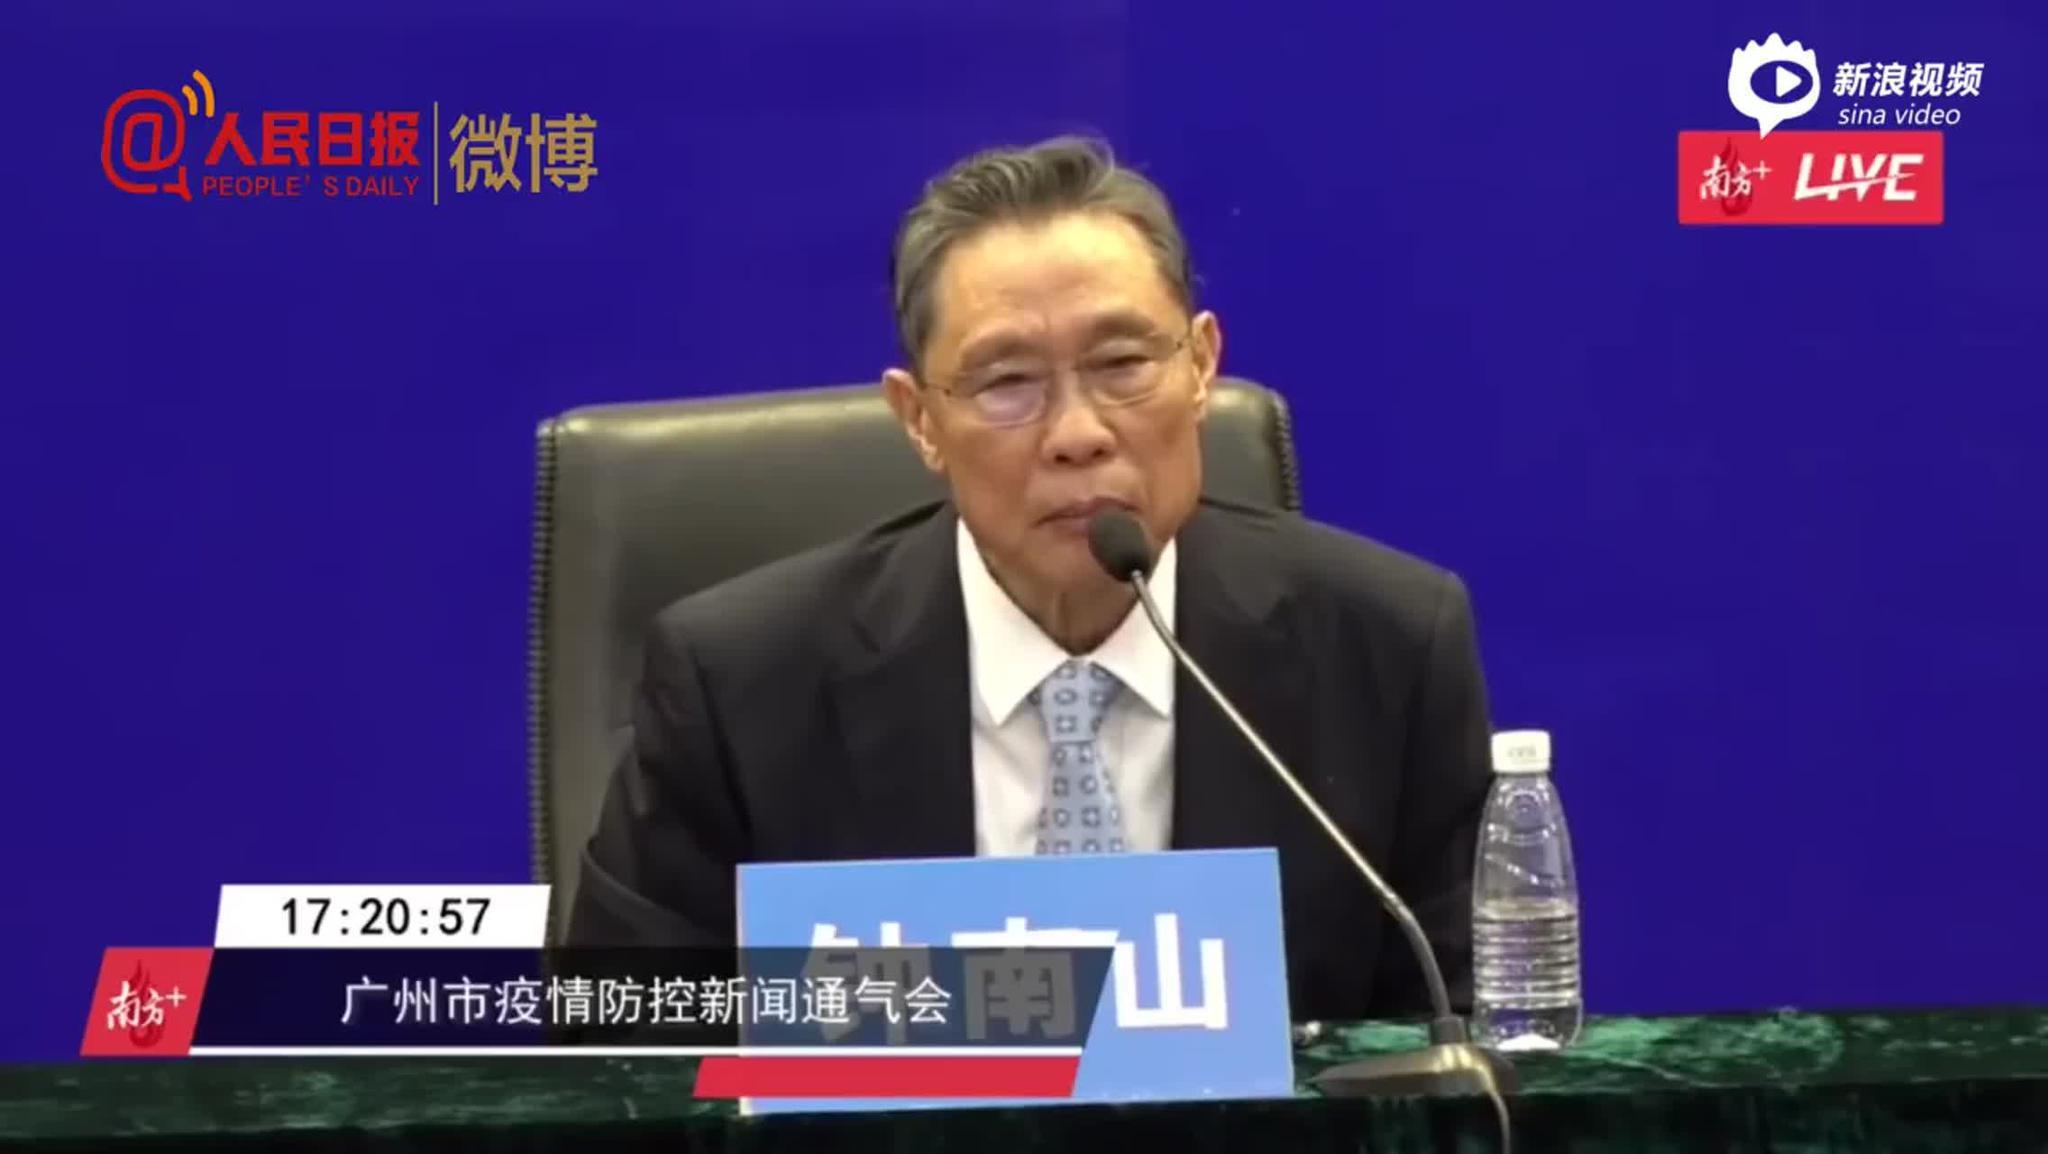 #钟南山称疫苗是解决新冠肺炎最根本办法#... 来自人民日报 - 微博